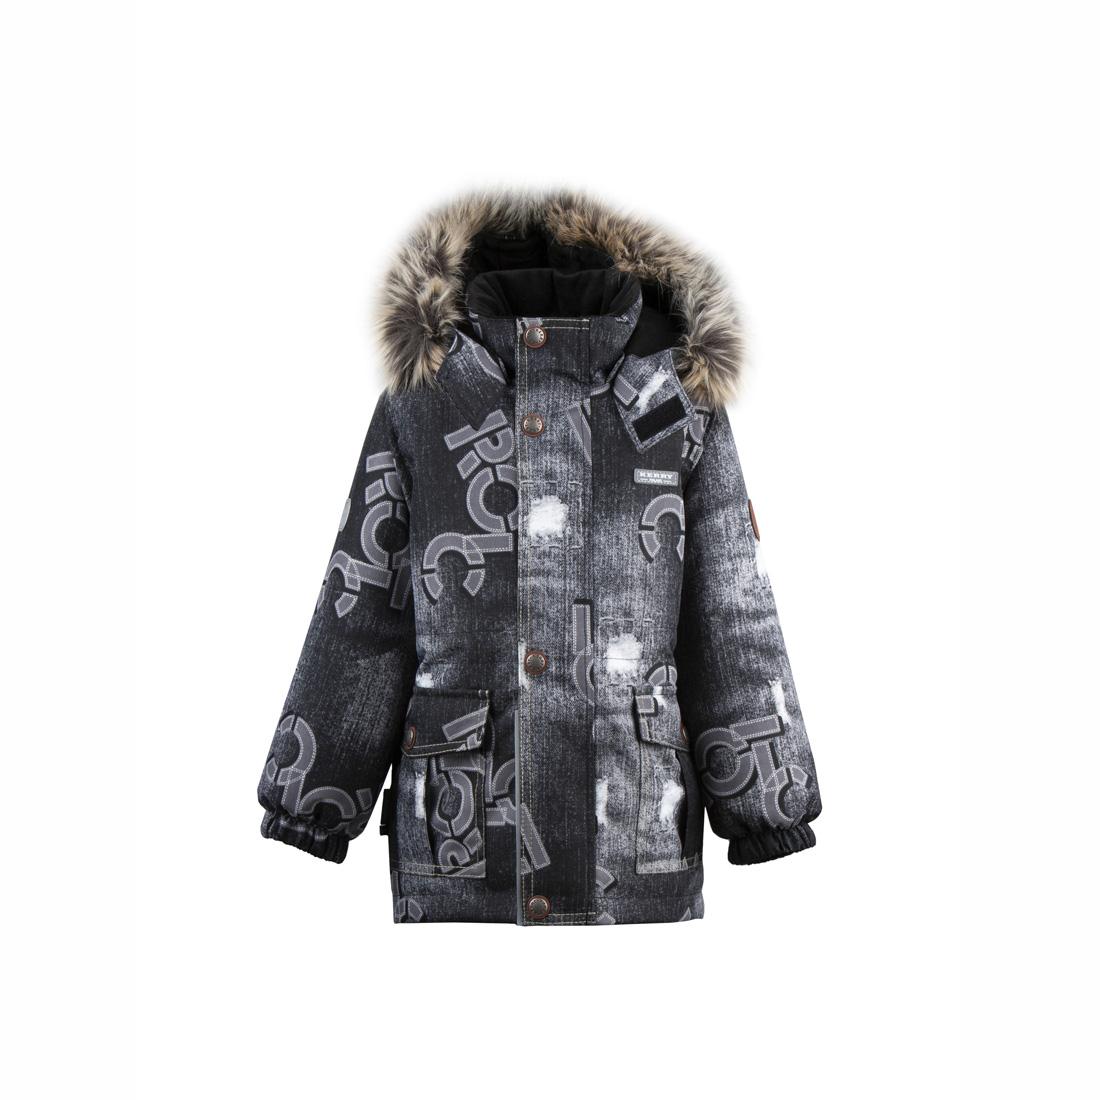 Купить Куртка для мальчиков KERRY WOLFIE K19439 A, размер 104,